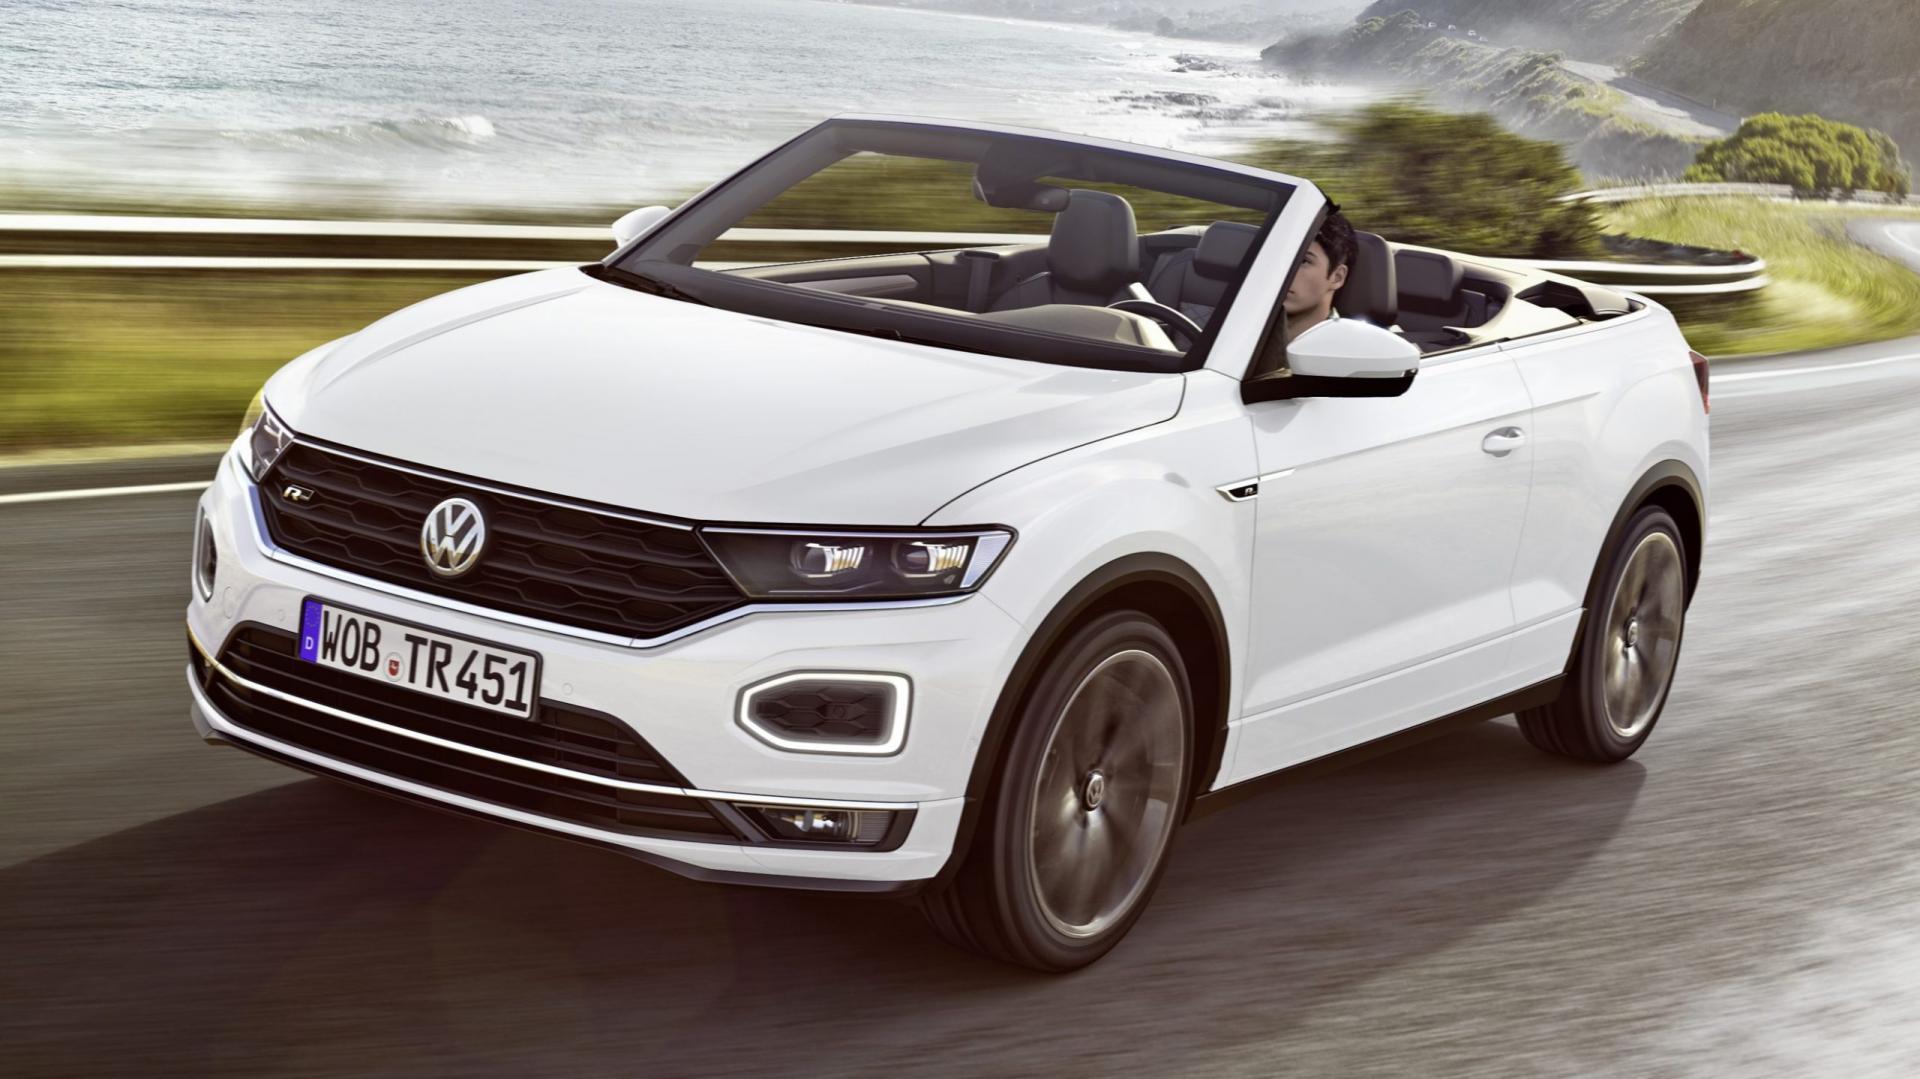 Volkswagen T-Roc Cabriolet 2019 R-Line